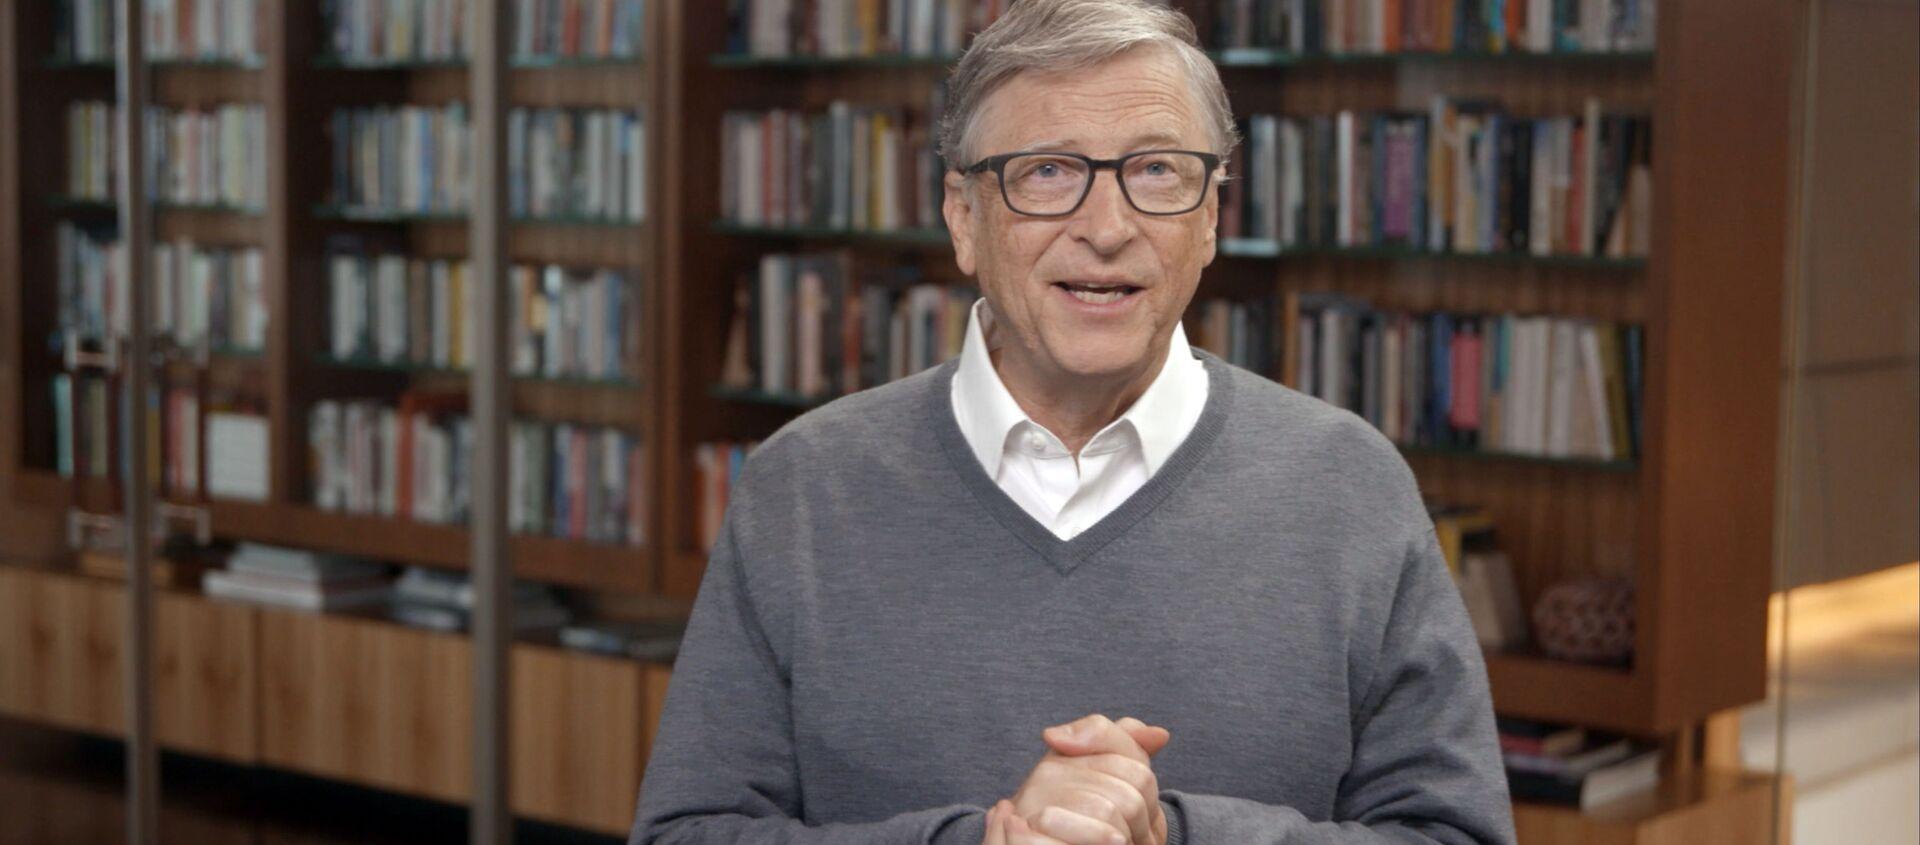 Американский предприниматель и общественный деятель Билл Гейтс - Sputnik Грузия, 1920, 30.09.2020